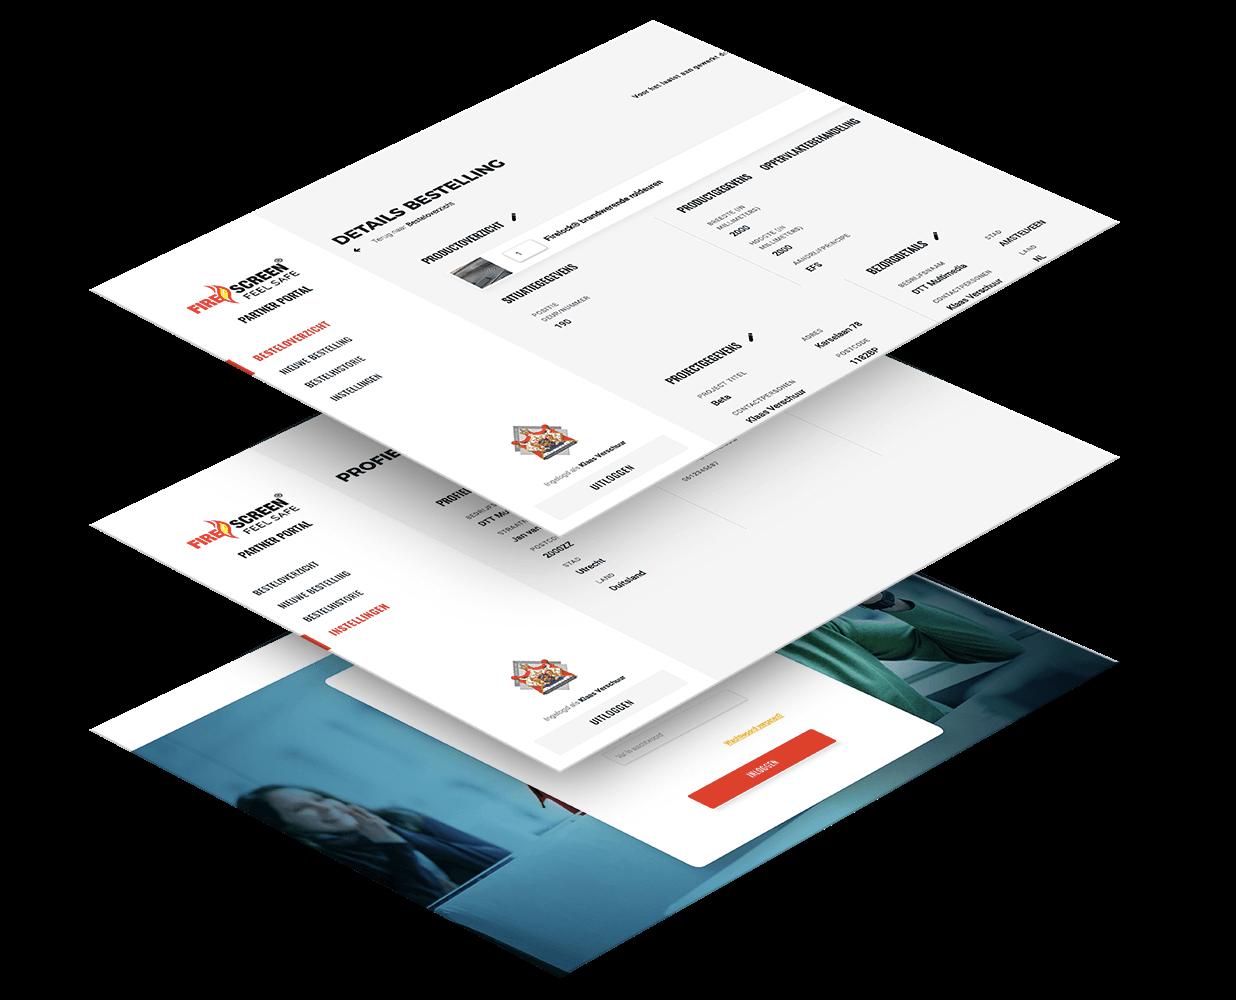 Hoefnagels Partner Portal beschrijving